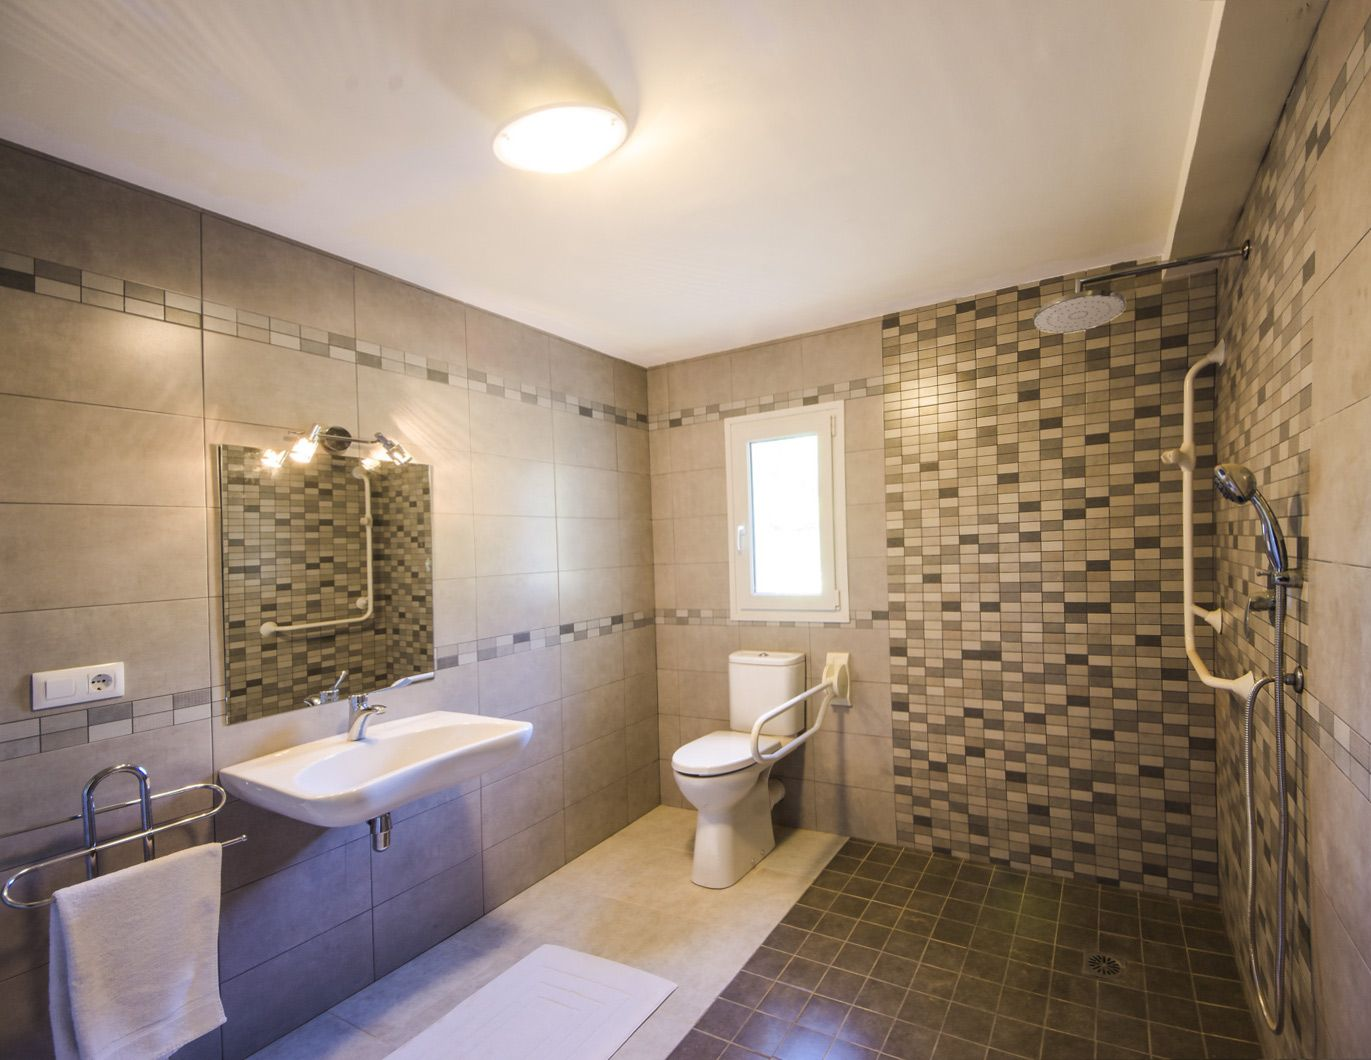 Villa xenofilia vi aangepaste badkamer op de benedenverdieping